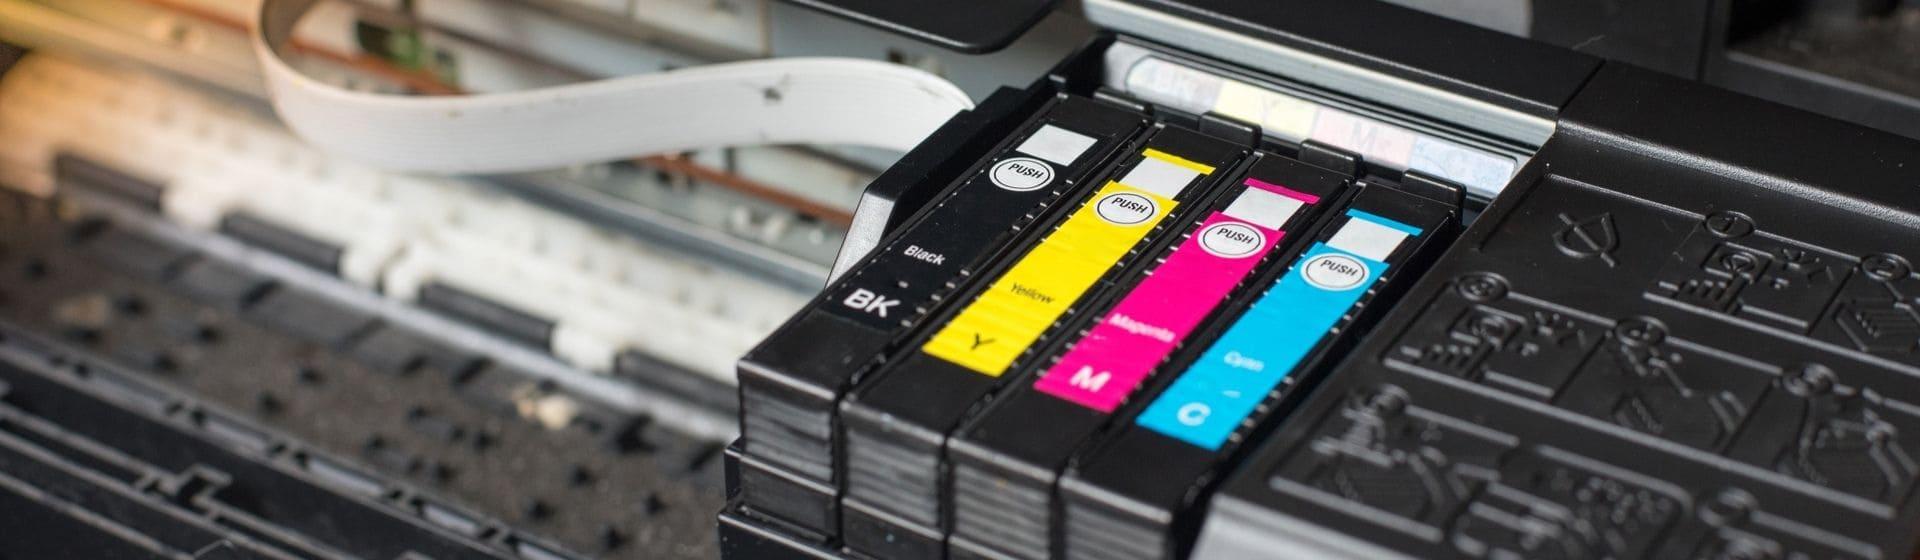 Melhor tinta para impressora Epson, HP e Canon: veja várias opções